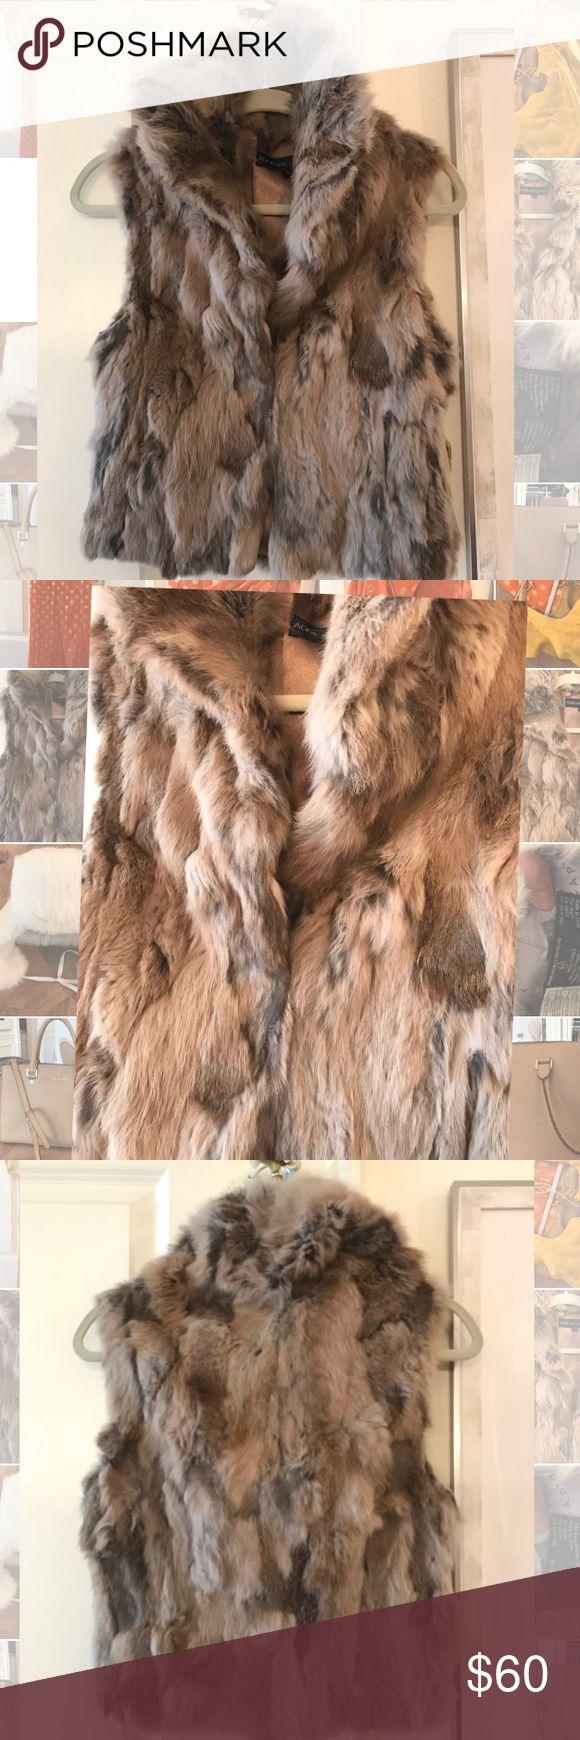 Adrienne landau rabbit fur vest Adrienne landau real rabbit fur vest. No trades no holds. Adrienne Landau Jackets & Coats Vests